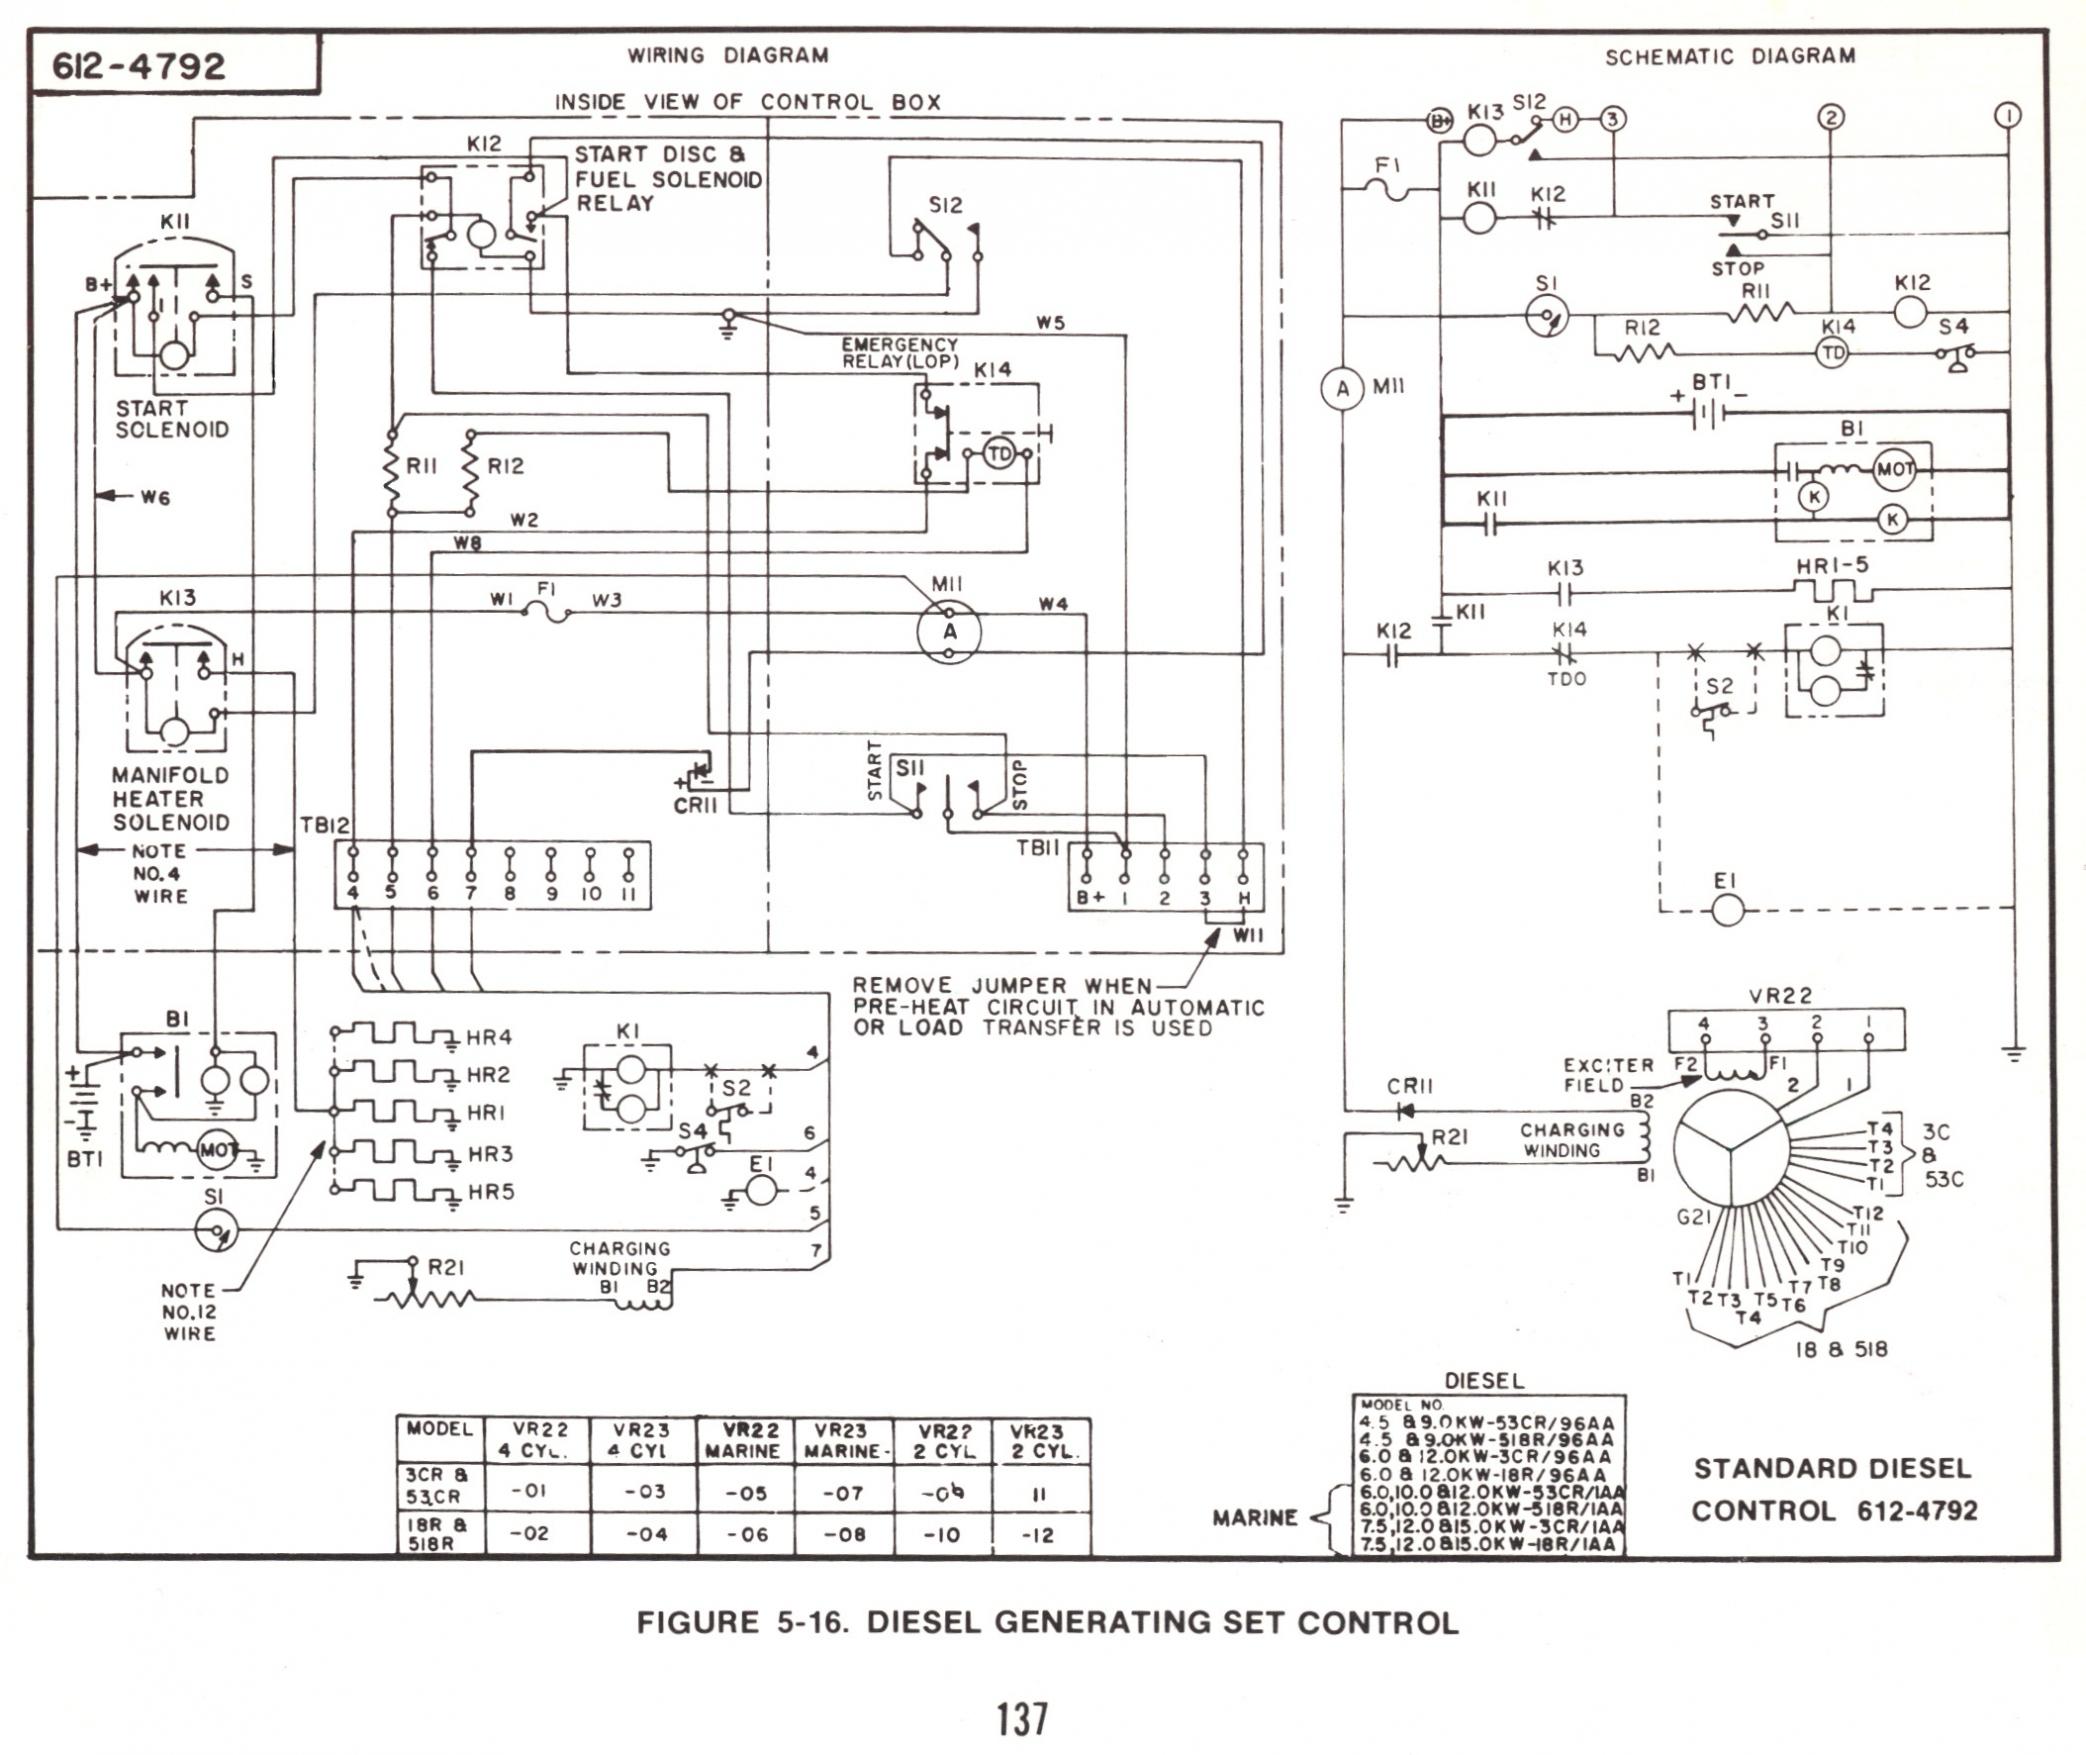 6 5 Onan Rv Generator Wiring Diagram - Today Wiring Diagram - Onan 4.0 Rv Genset Wiring Diagram